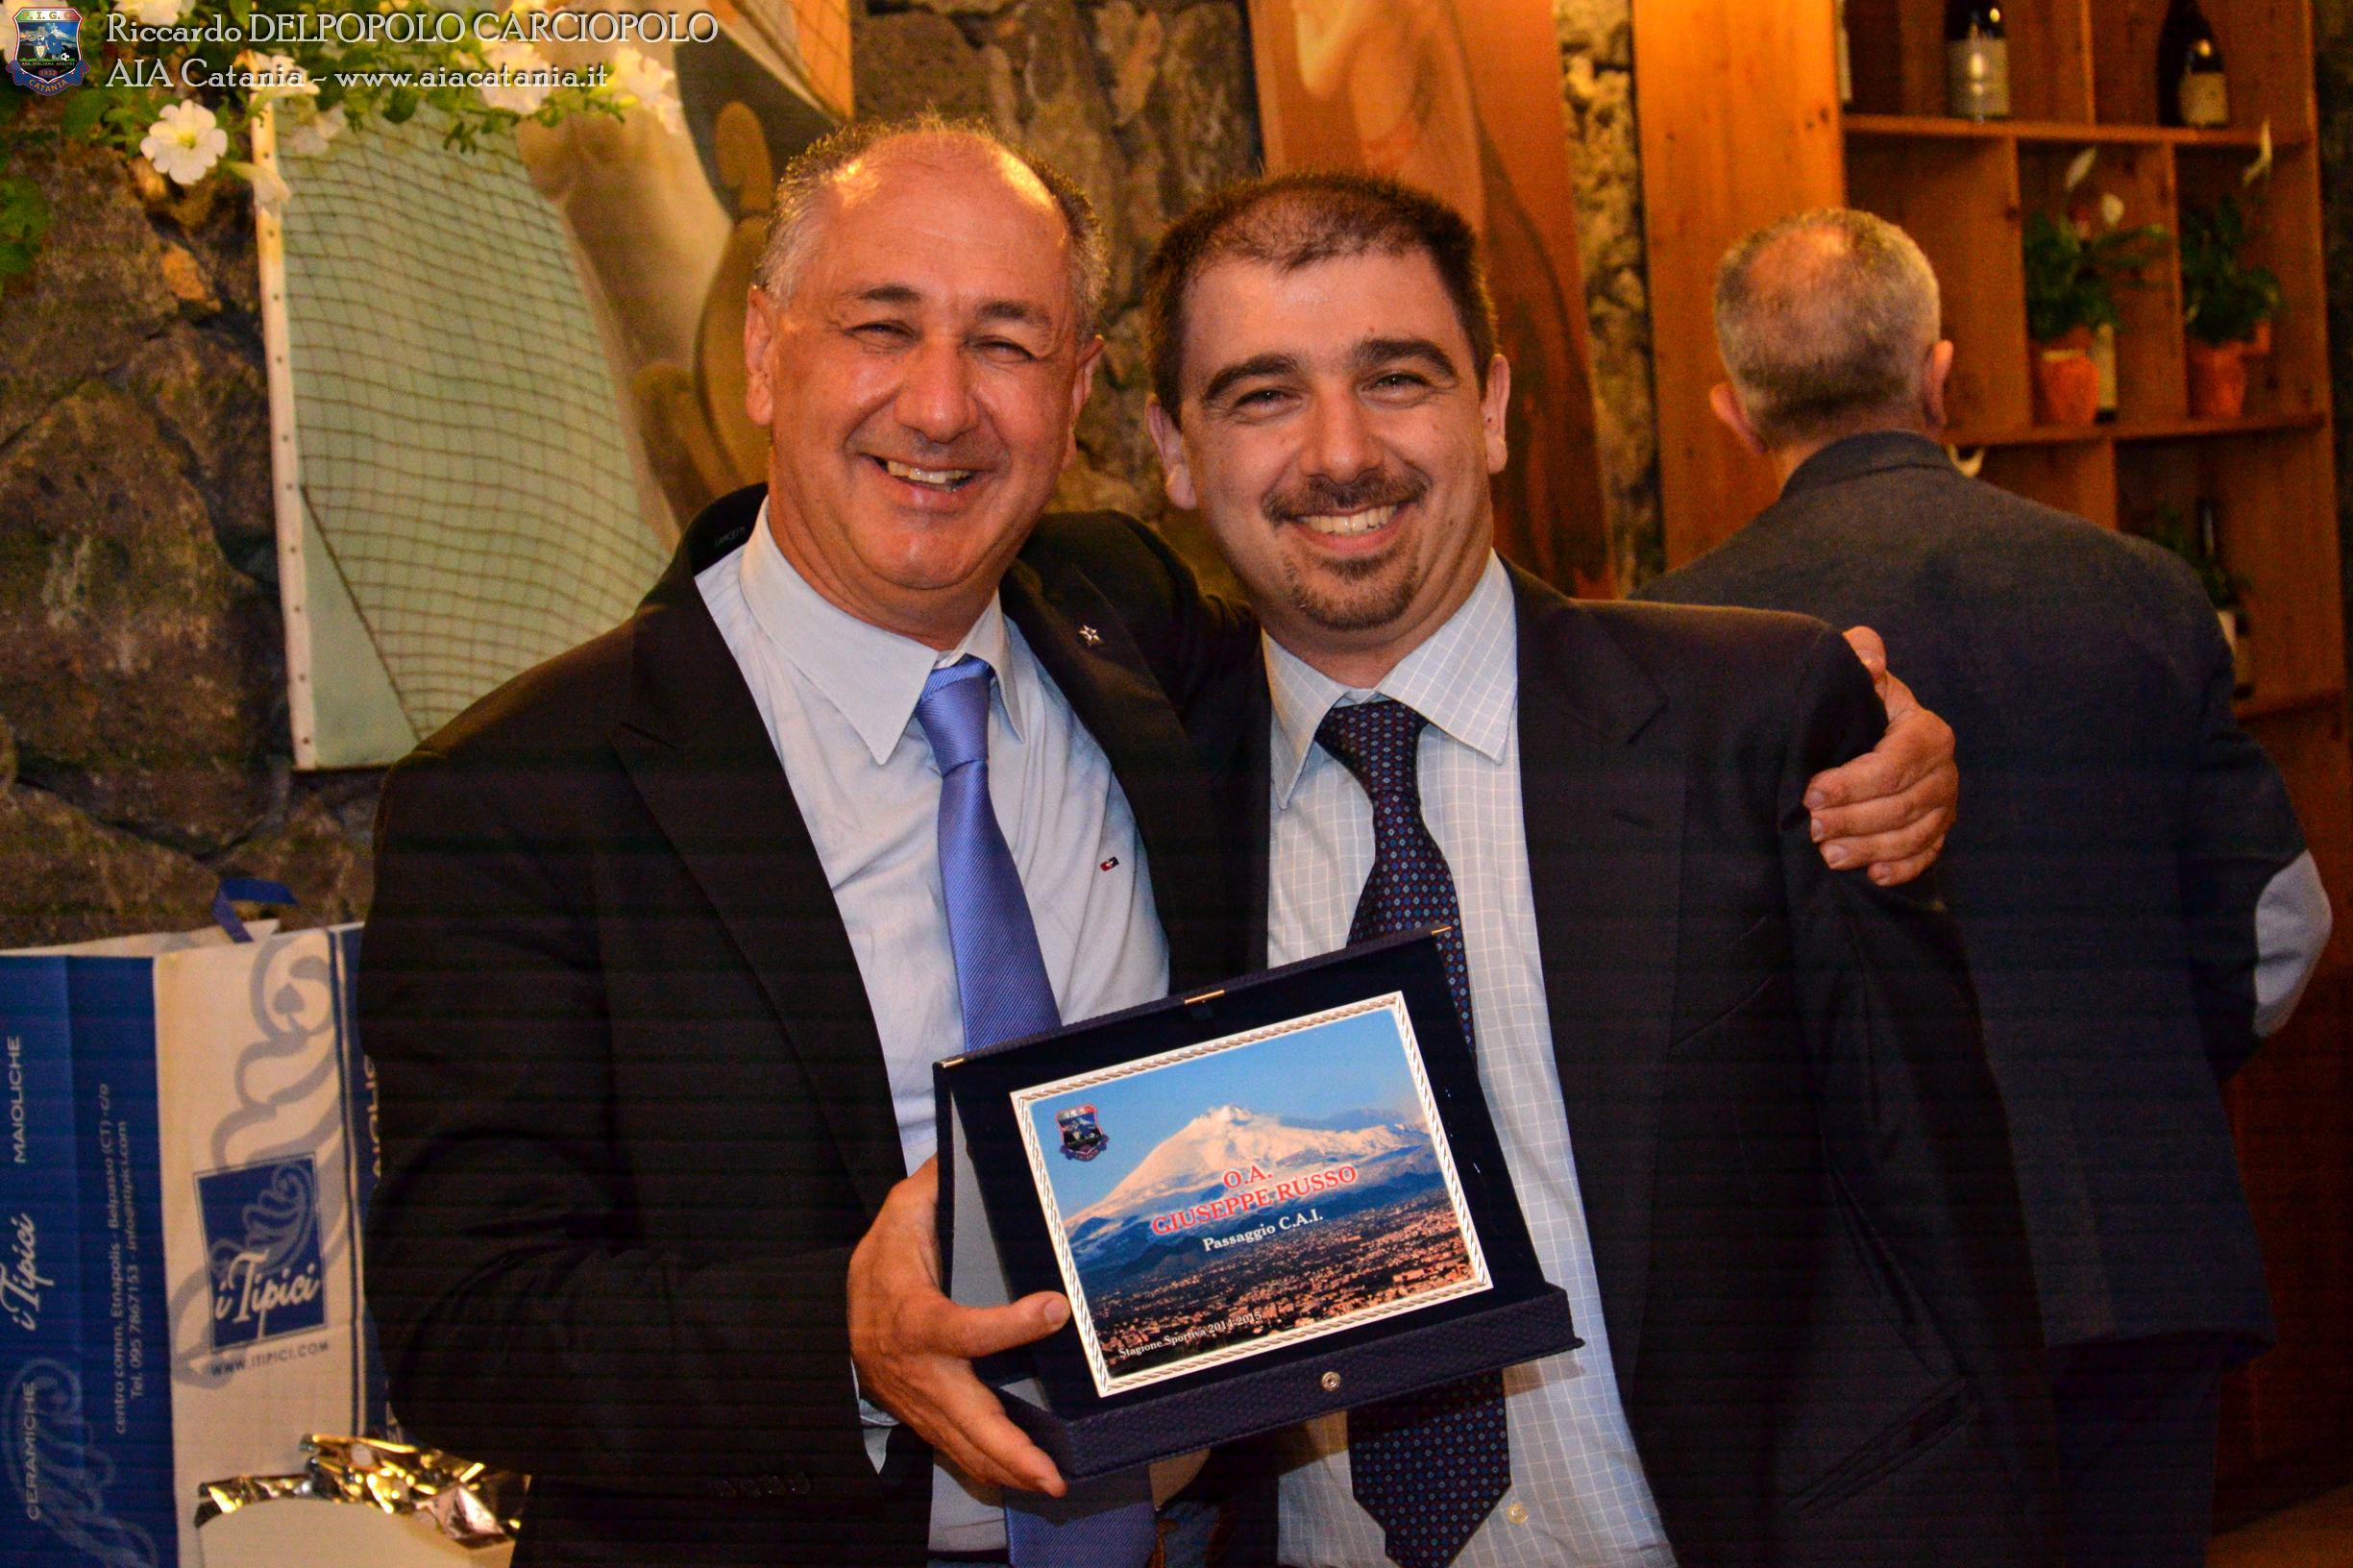 O.A. Giuseppe RUSSO premiato per il transito C.A.I. da Andrea BATTAGLIA, Presidente della sezione di Ragusa.